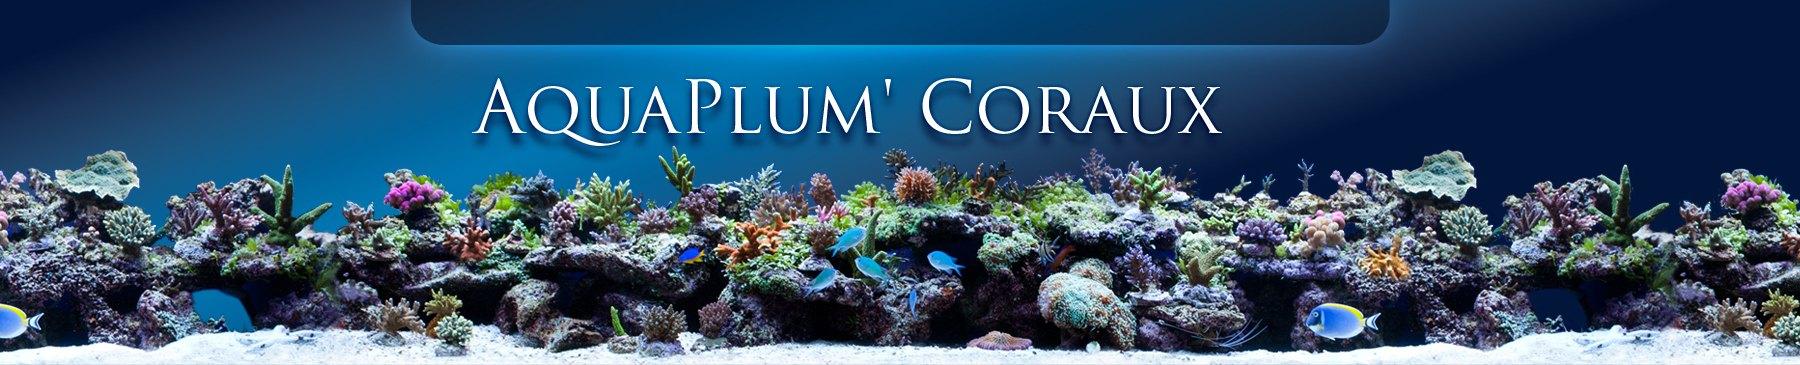 Aquaplume coraux et bestoffres-shop.com